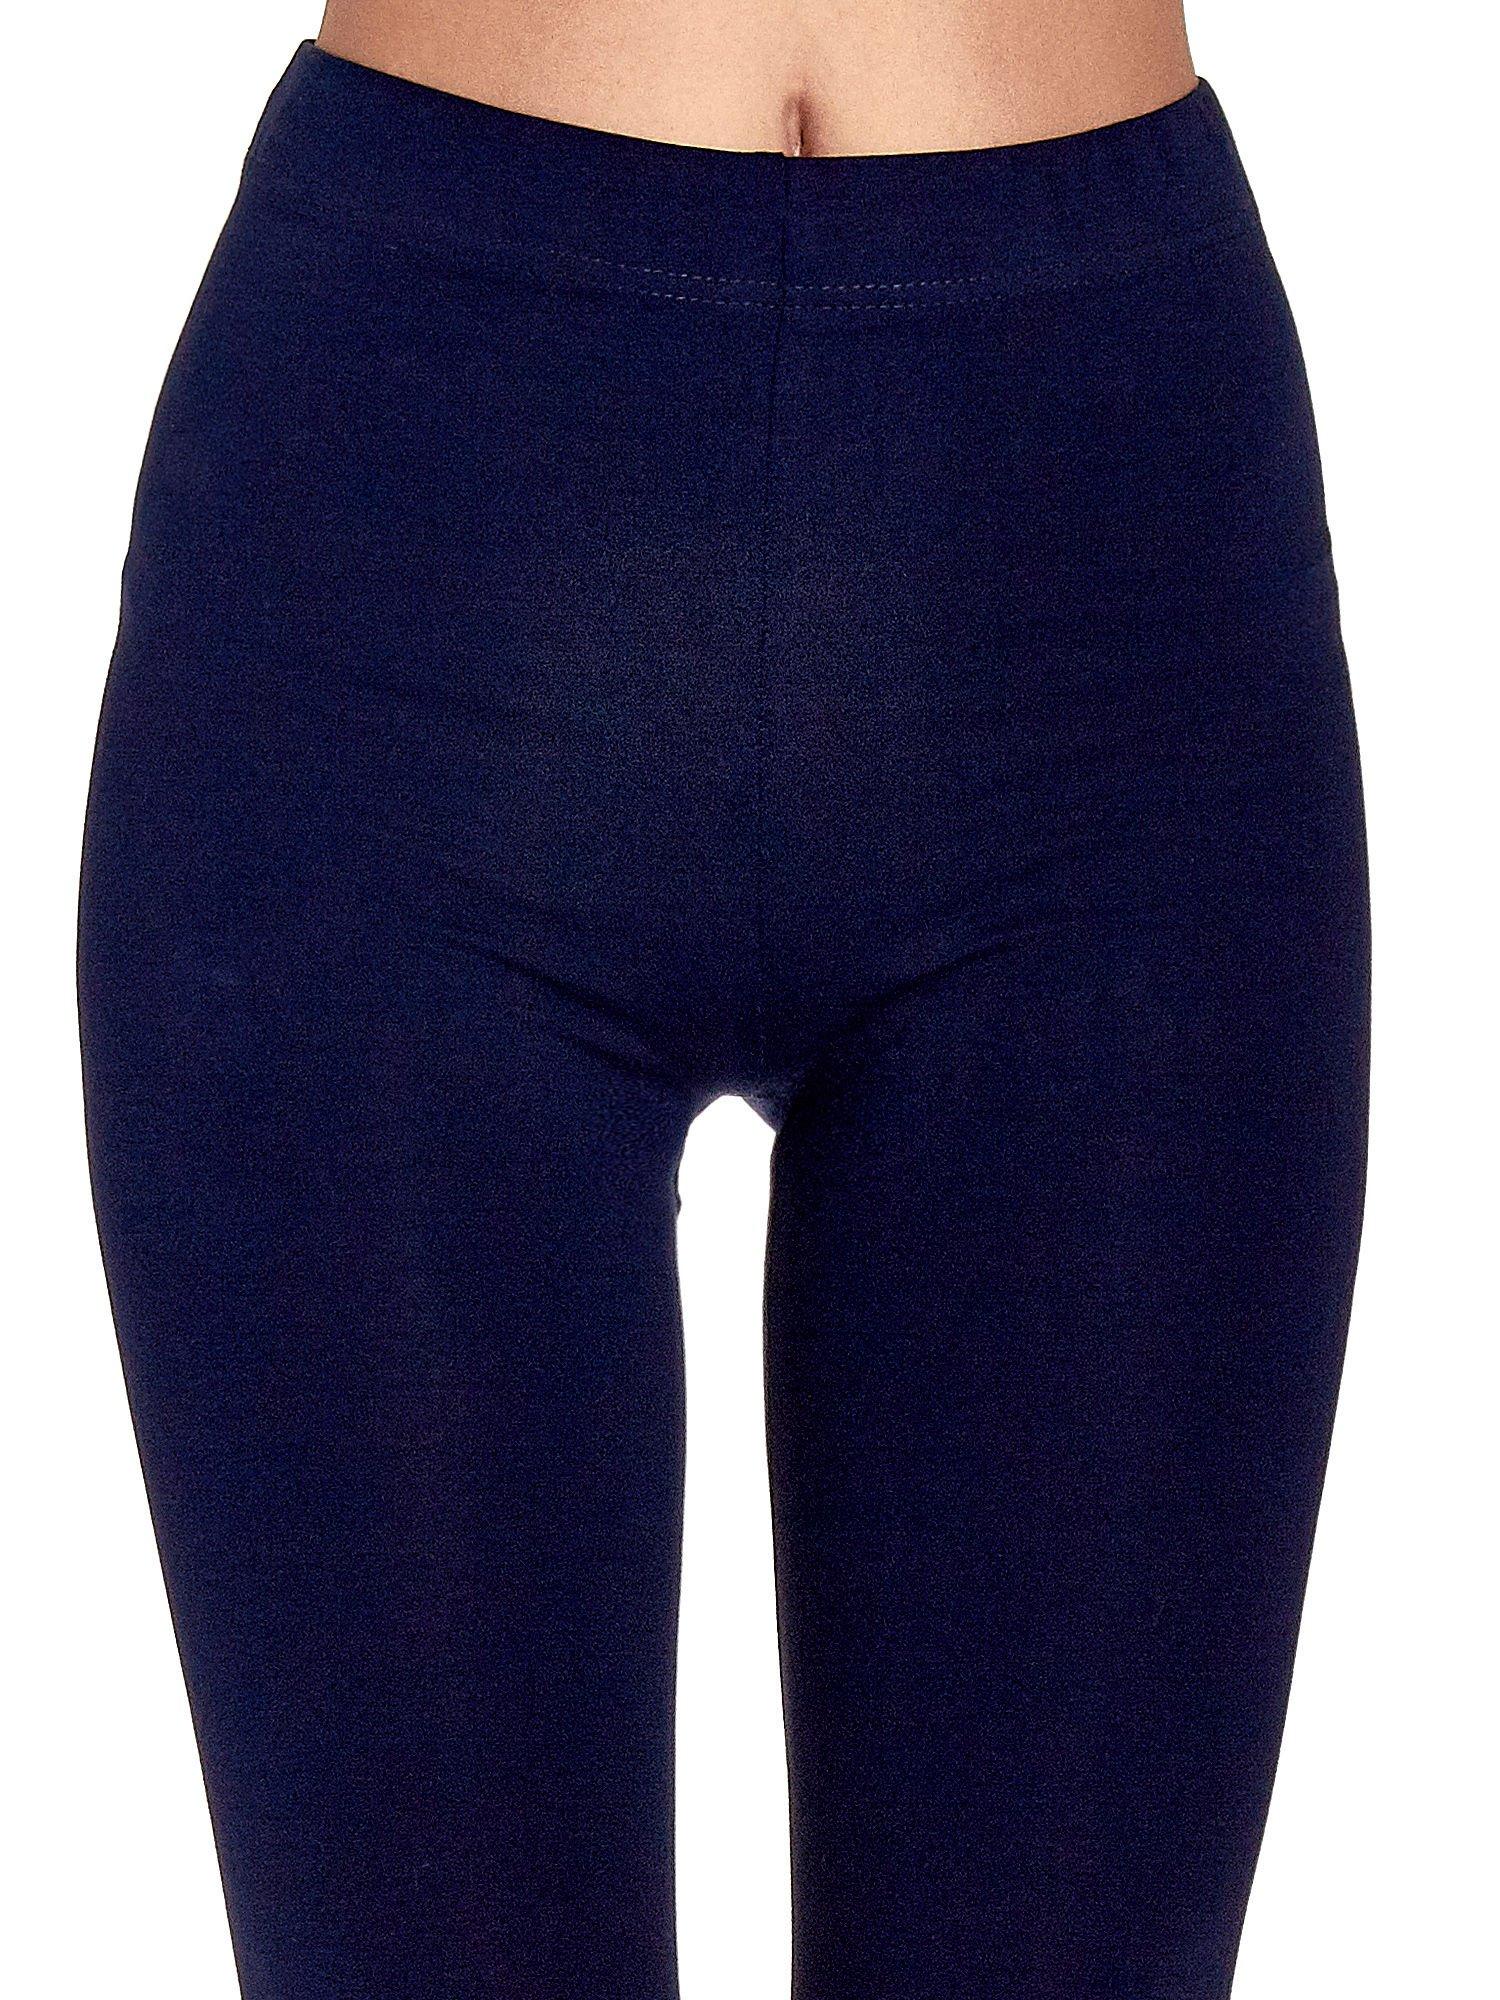 Granatowe gładkie legginsy damskie basic                                  zdj.                                  5